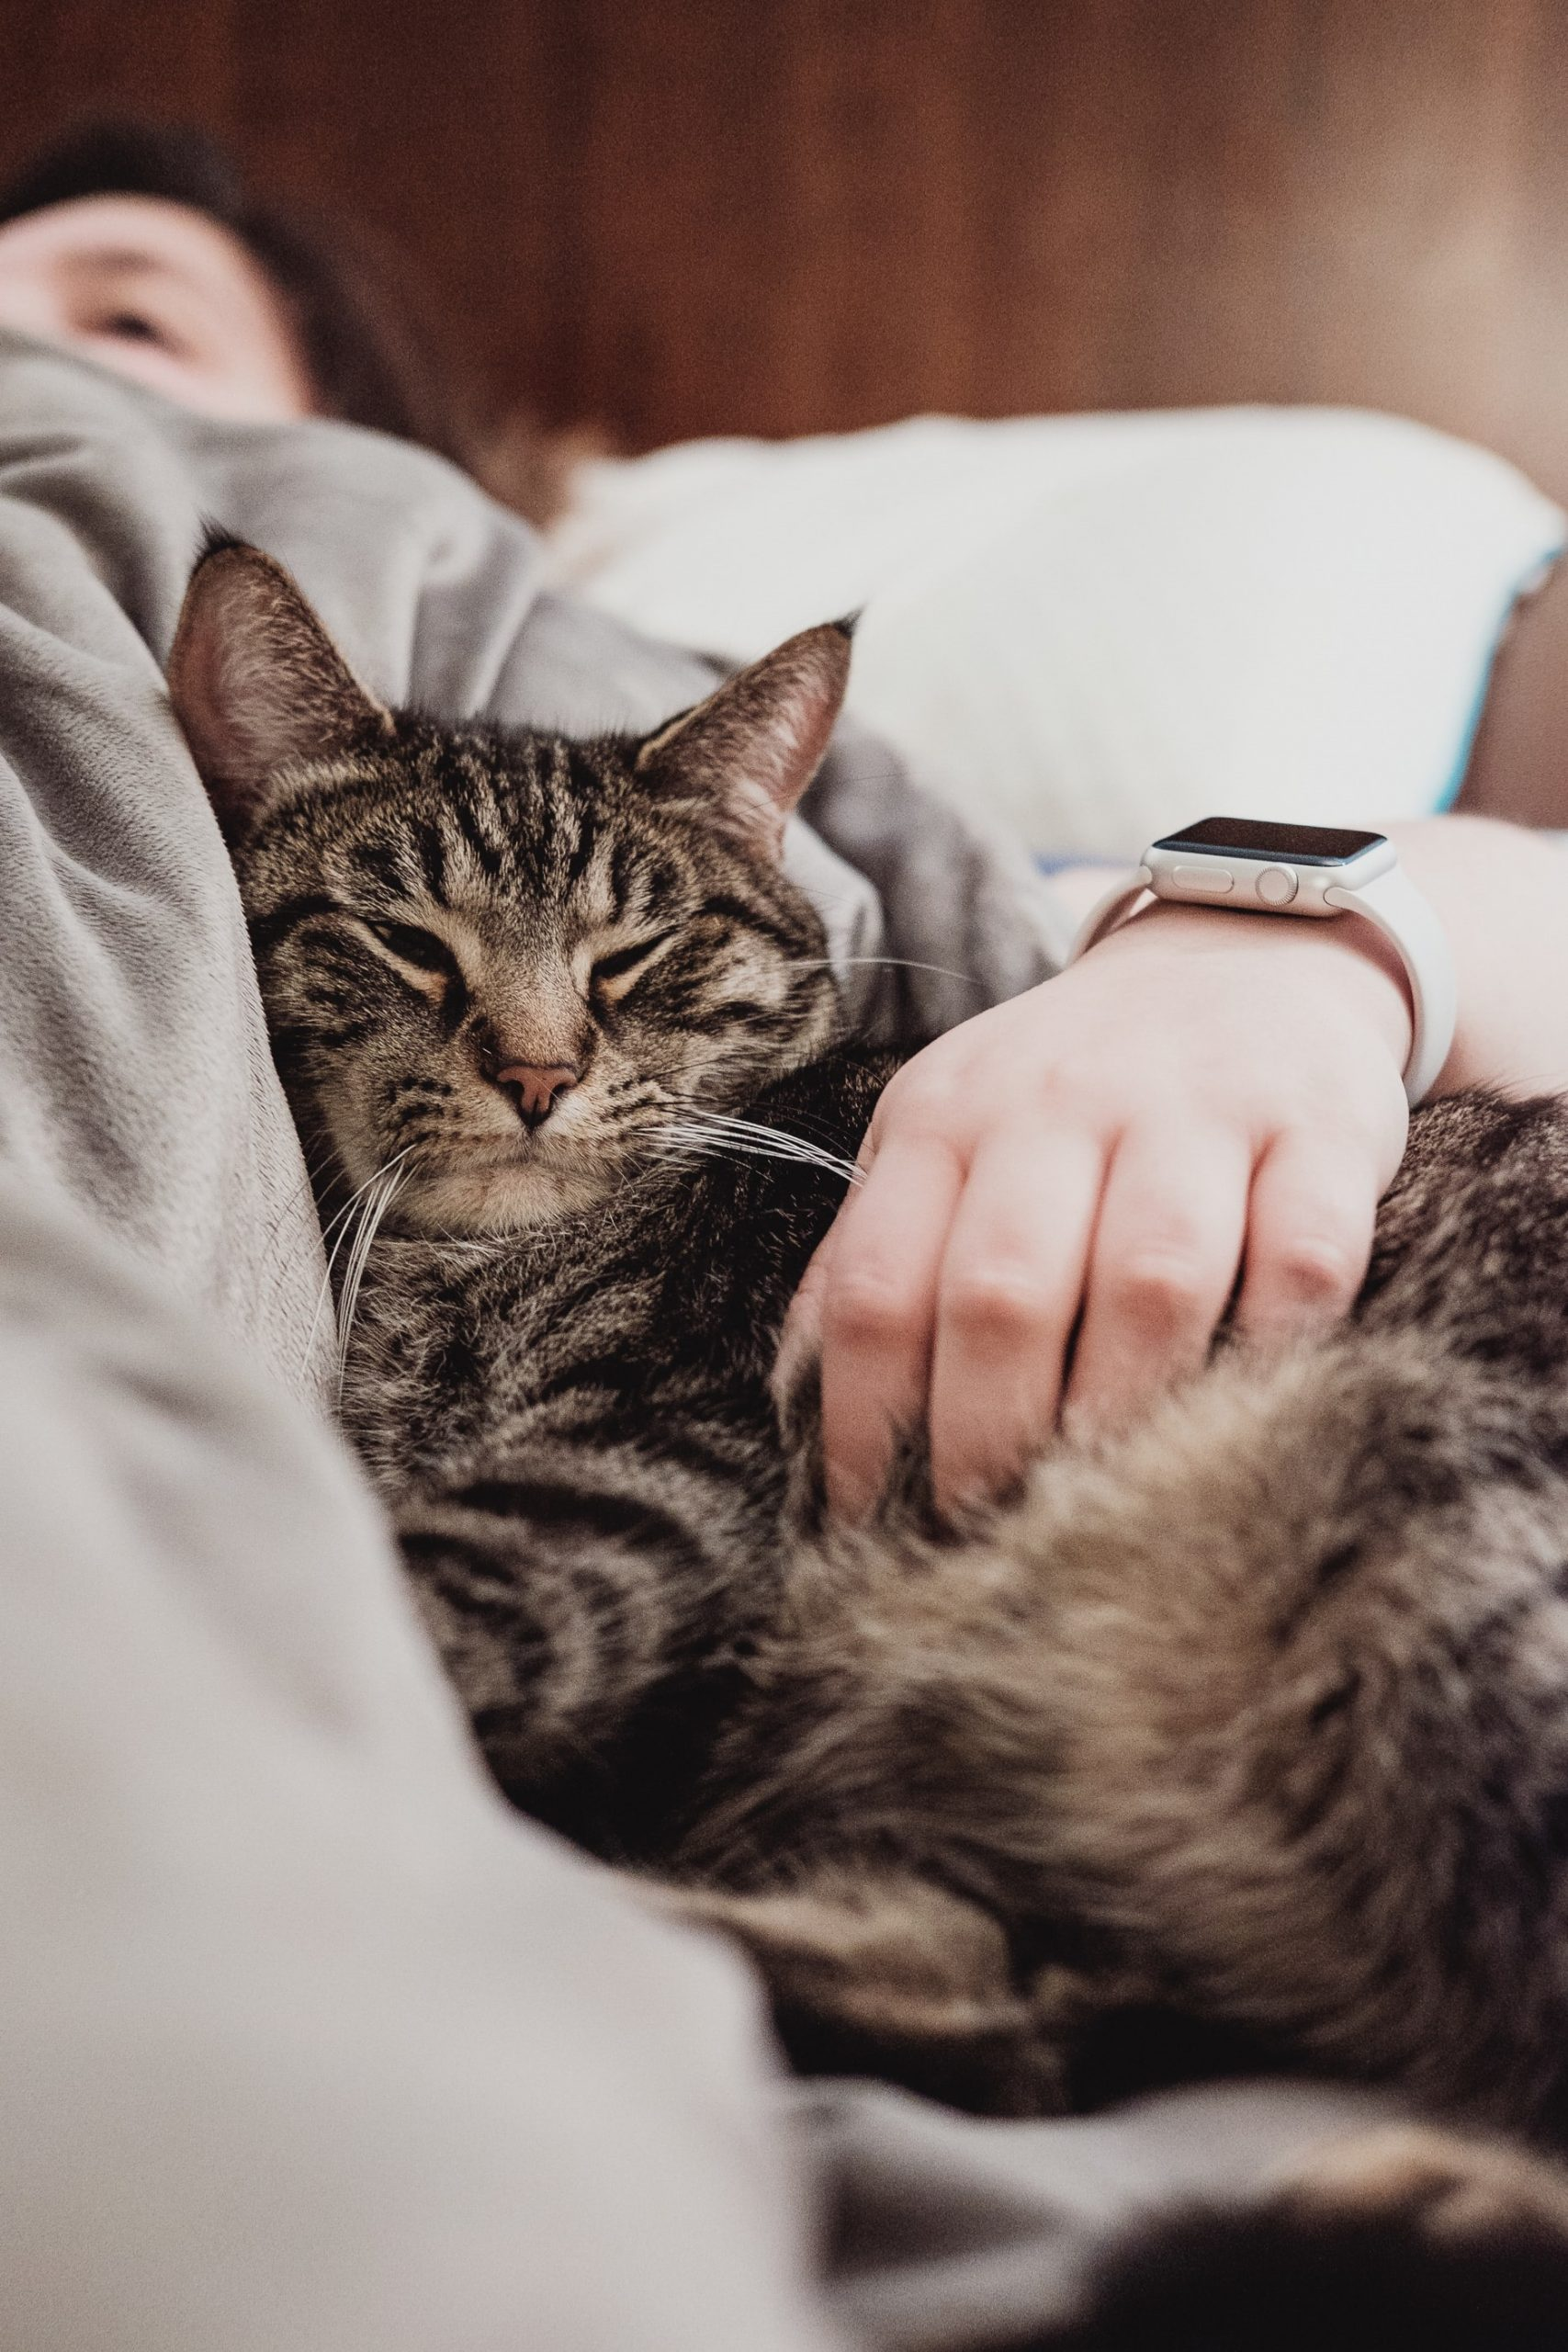 Gatos trazem benefícios aos donos